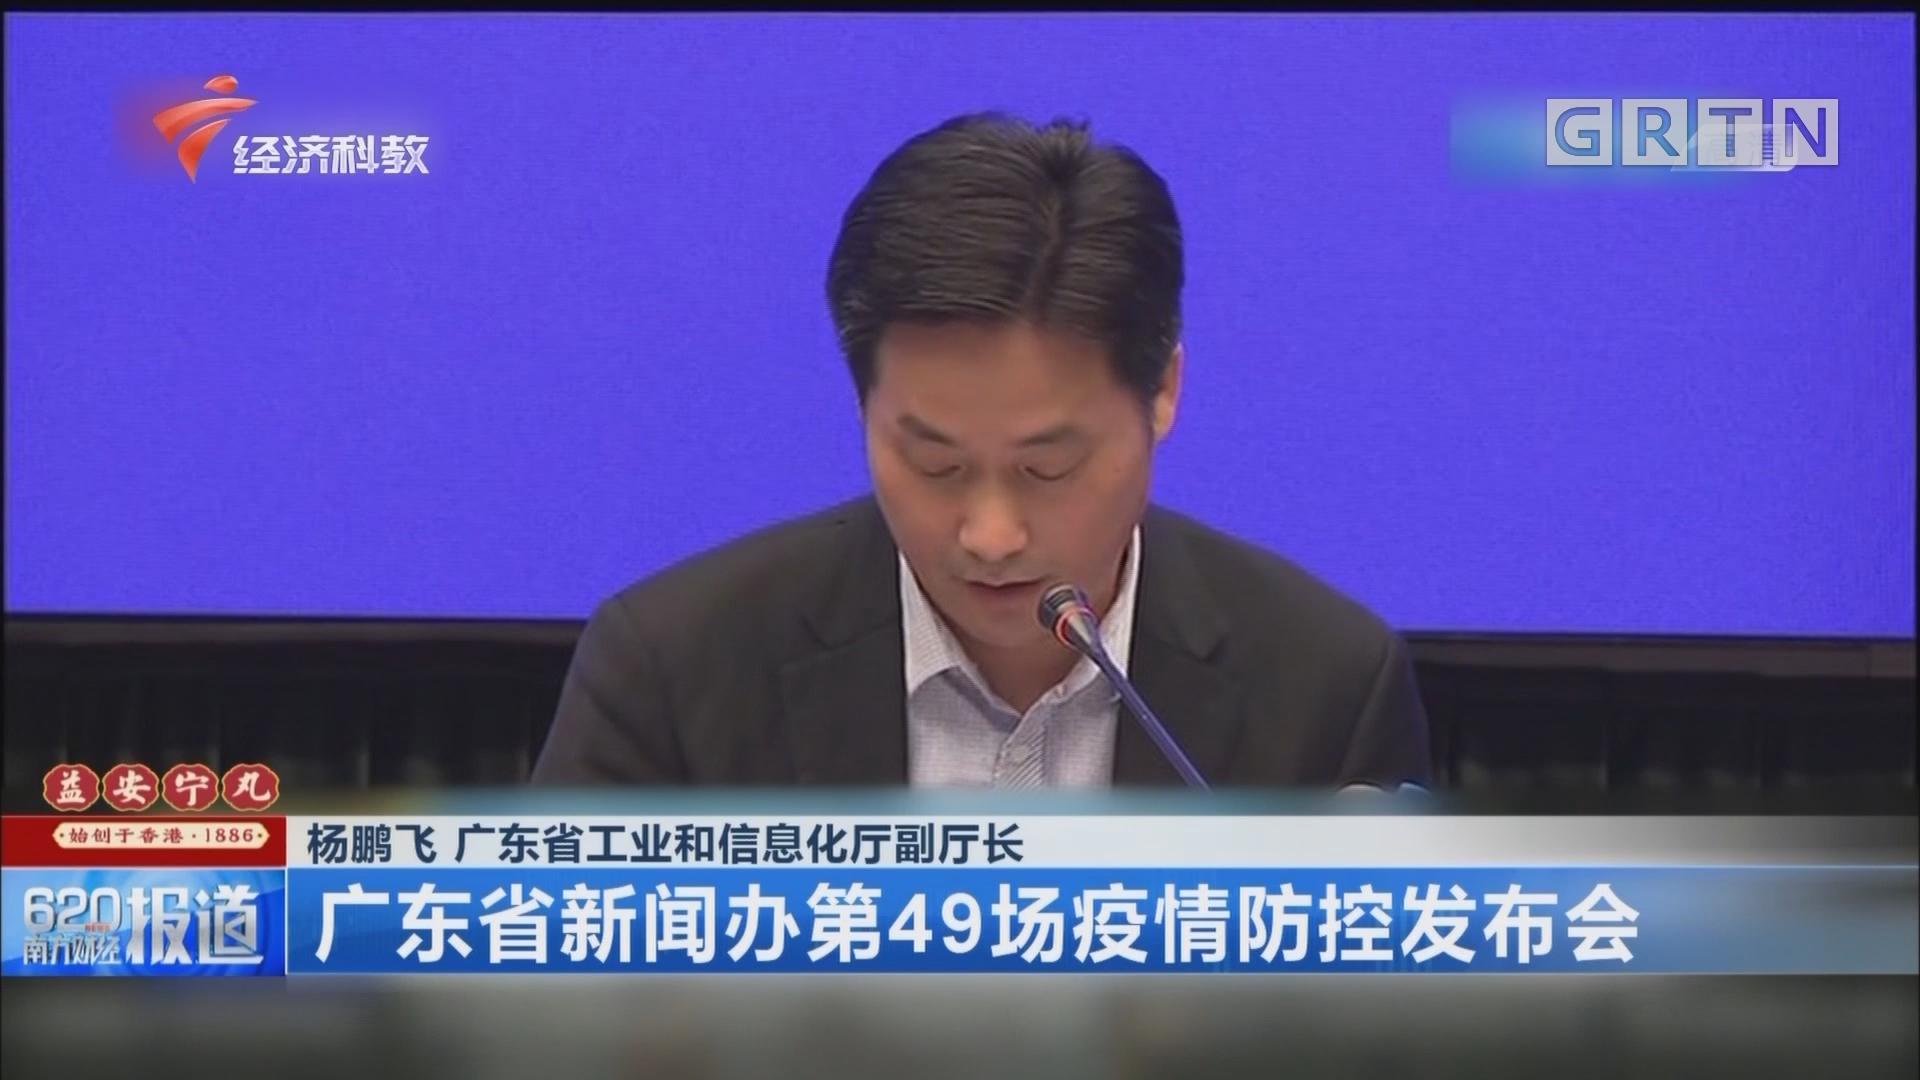 广东省新闻办第49场疫情防控发布会